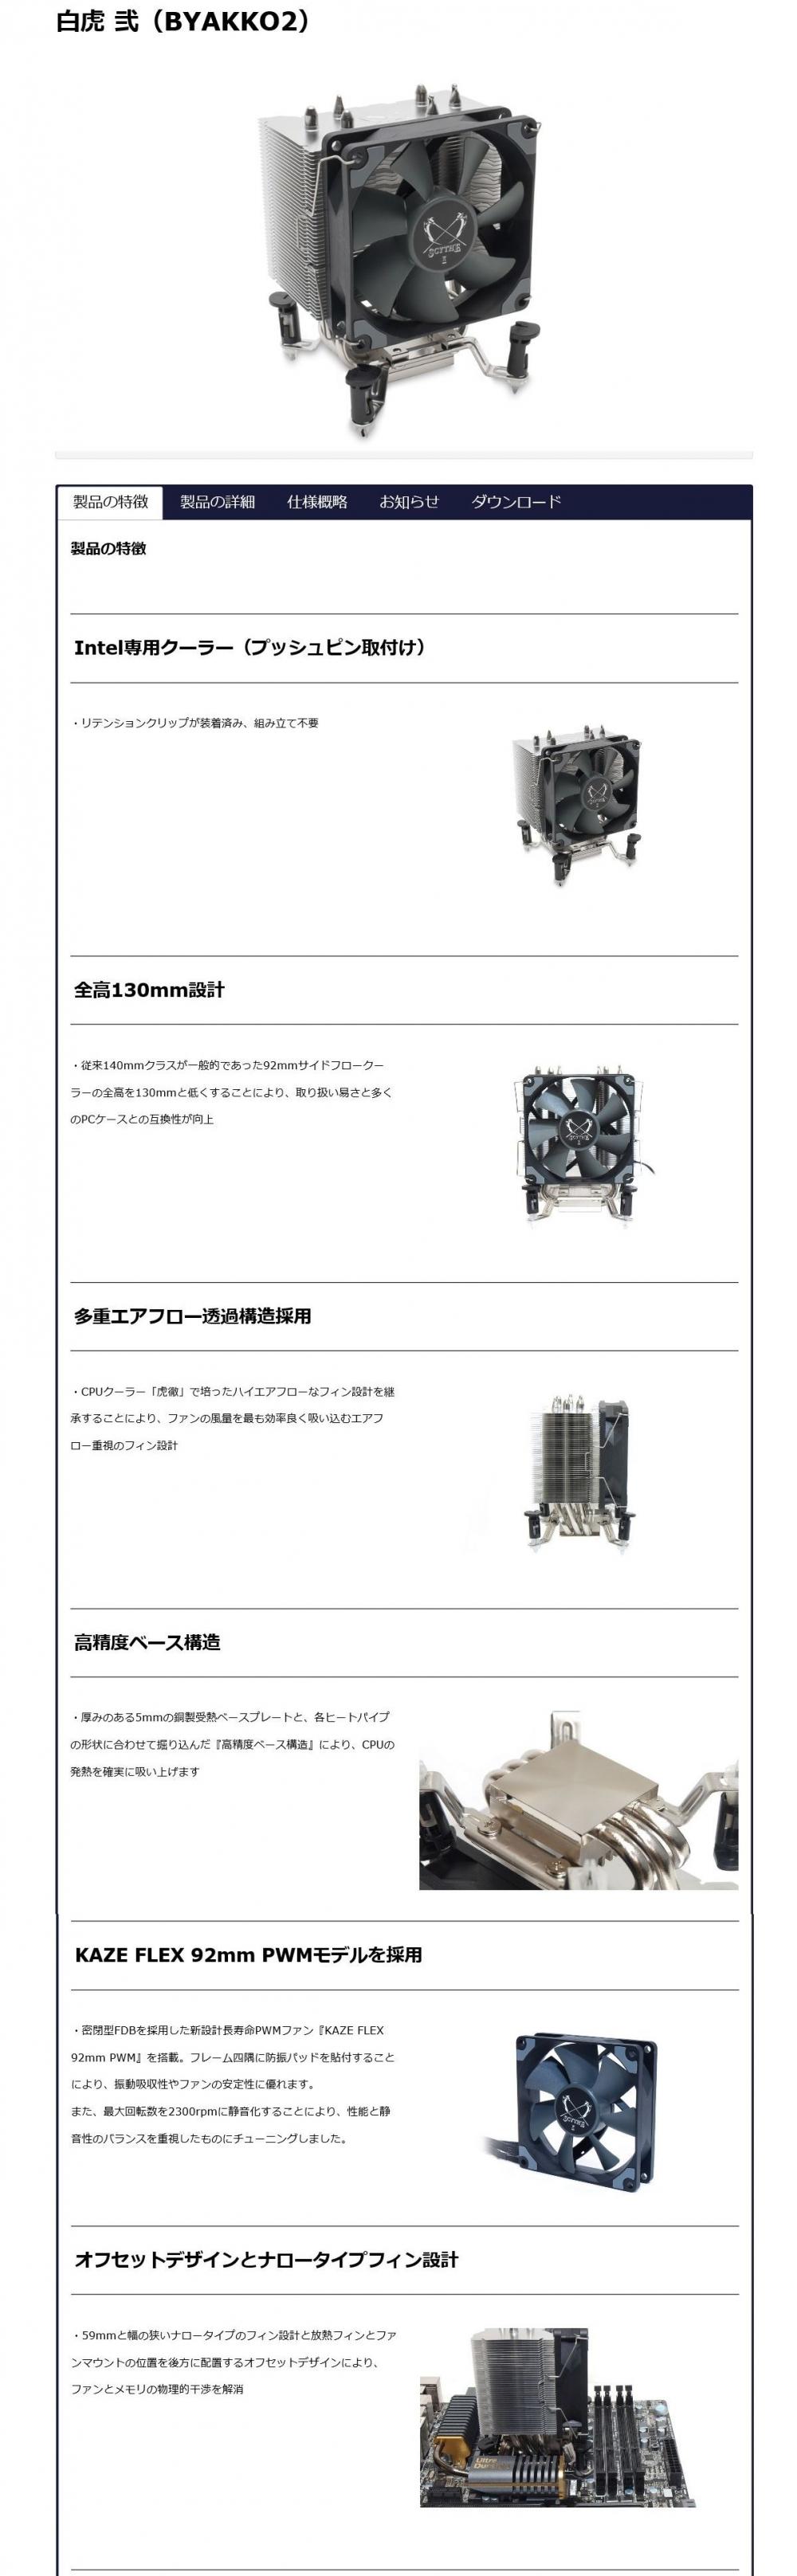 Kansei_20190921190501